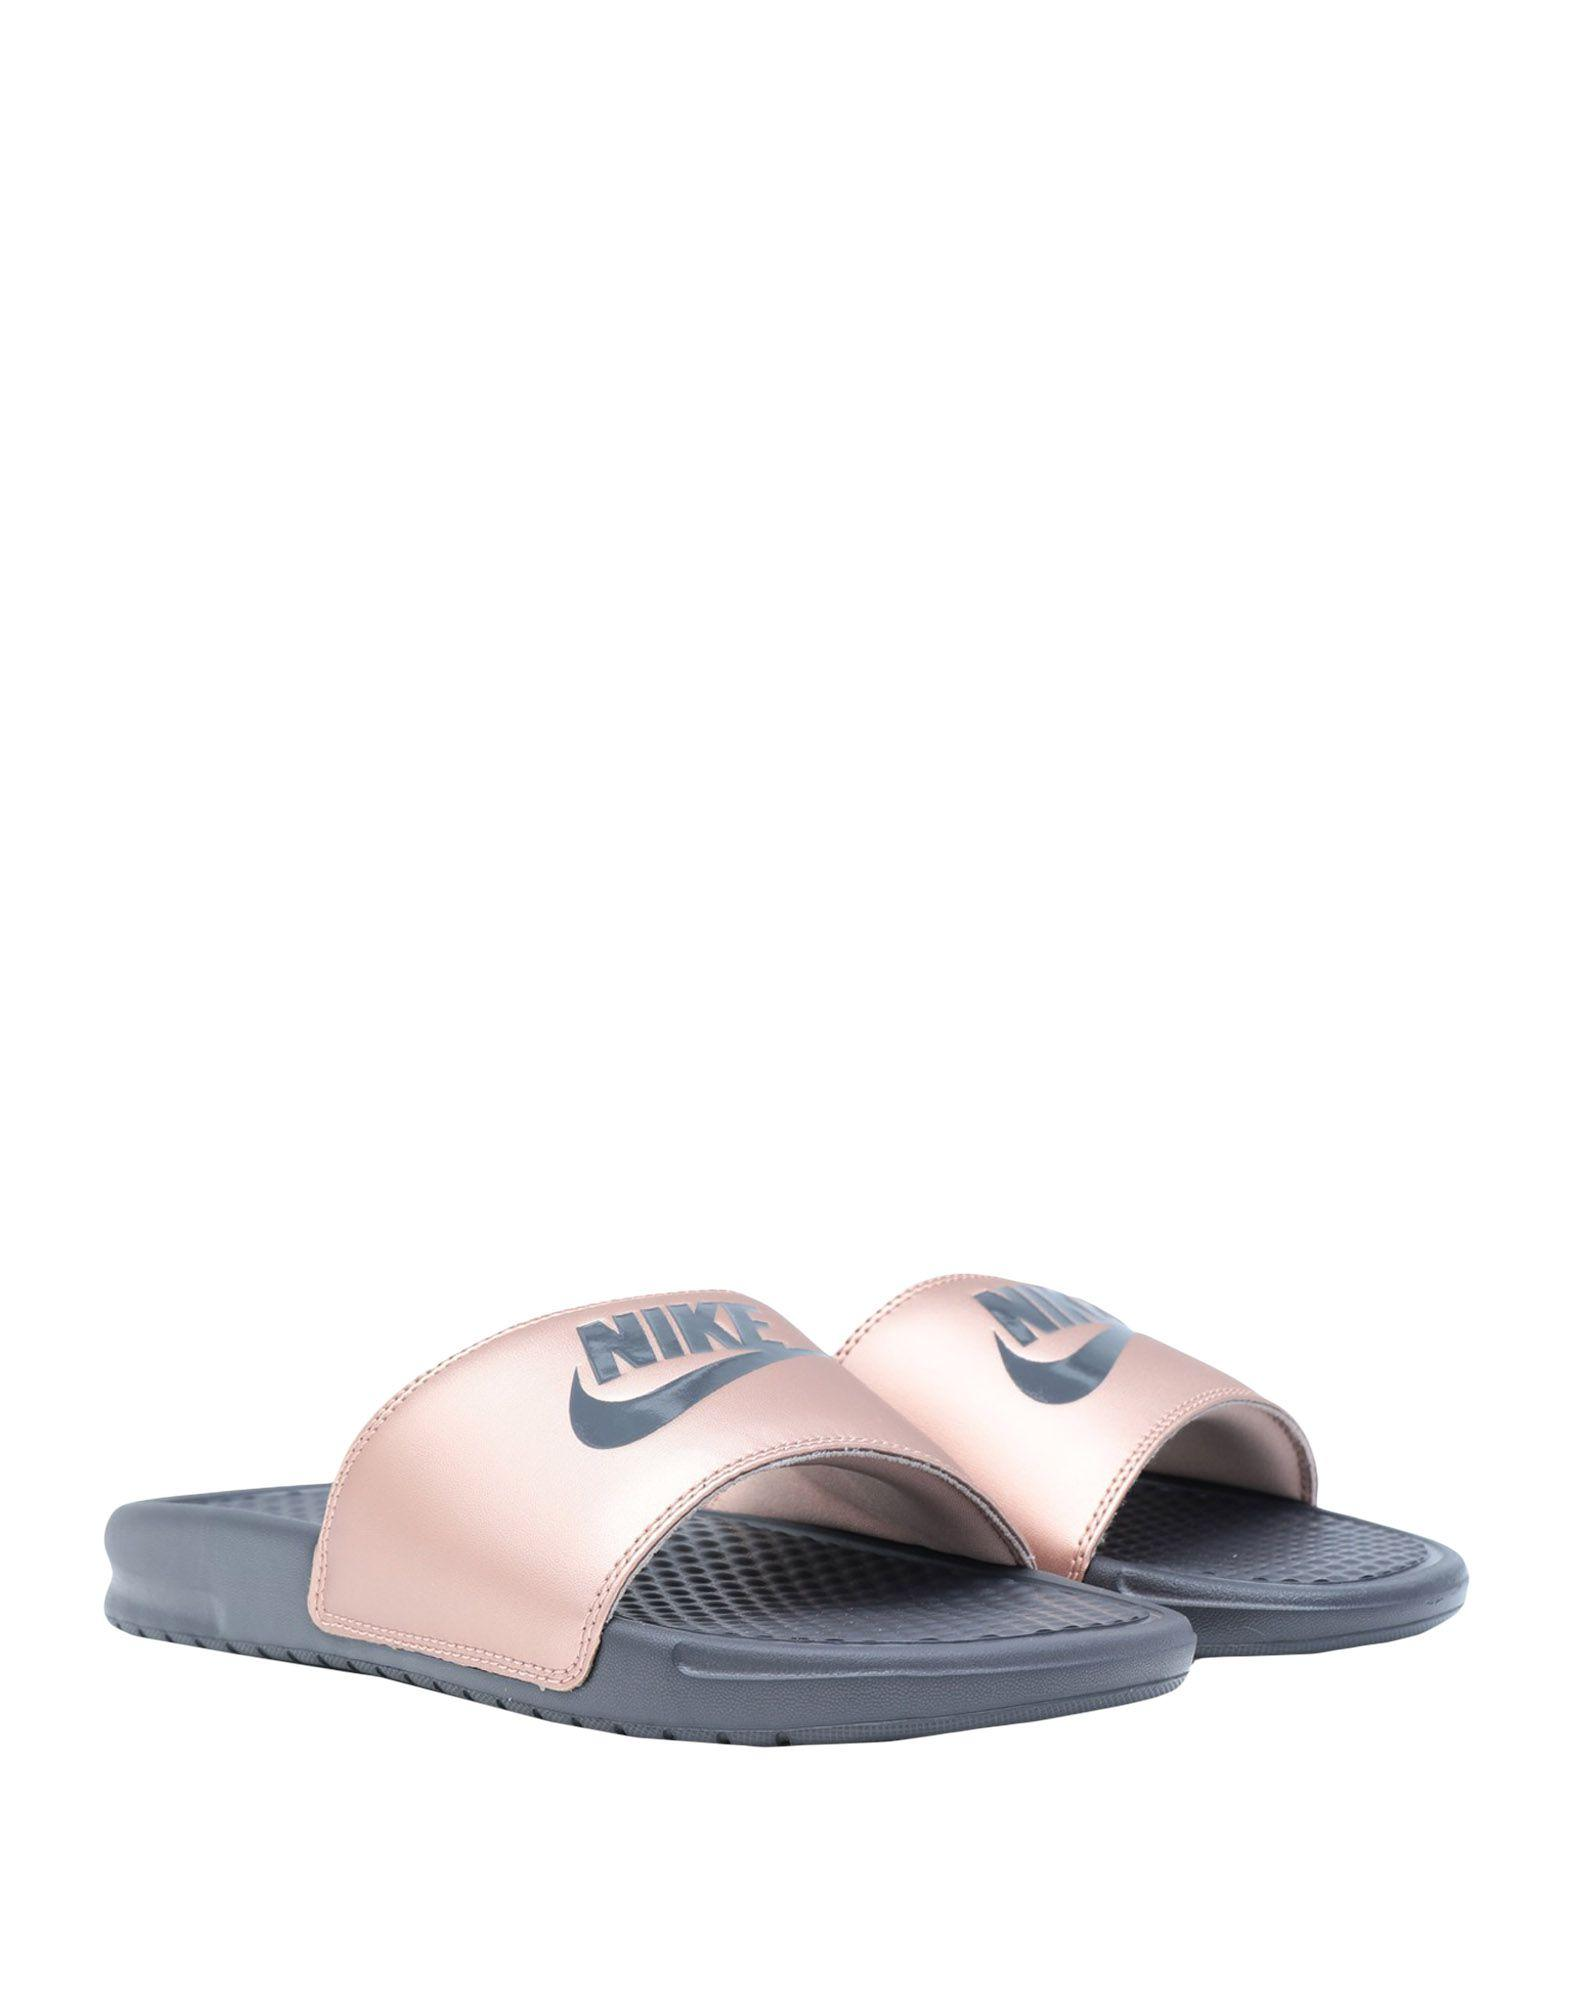 400d44da7e33 Nike Sandals in Pink - Lyst